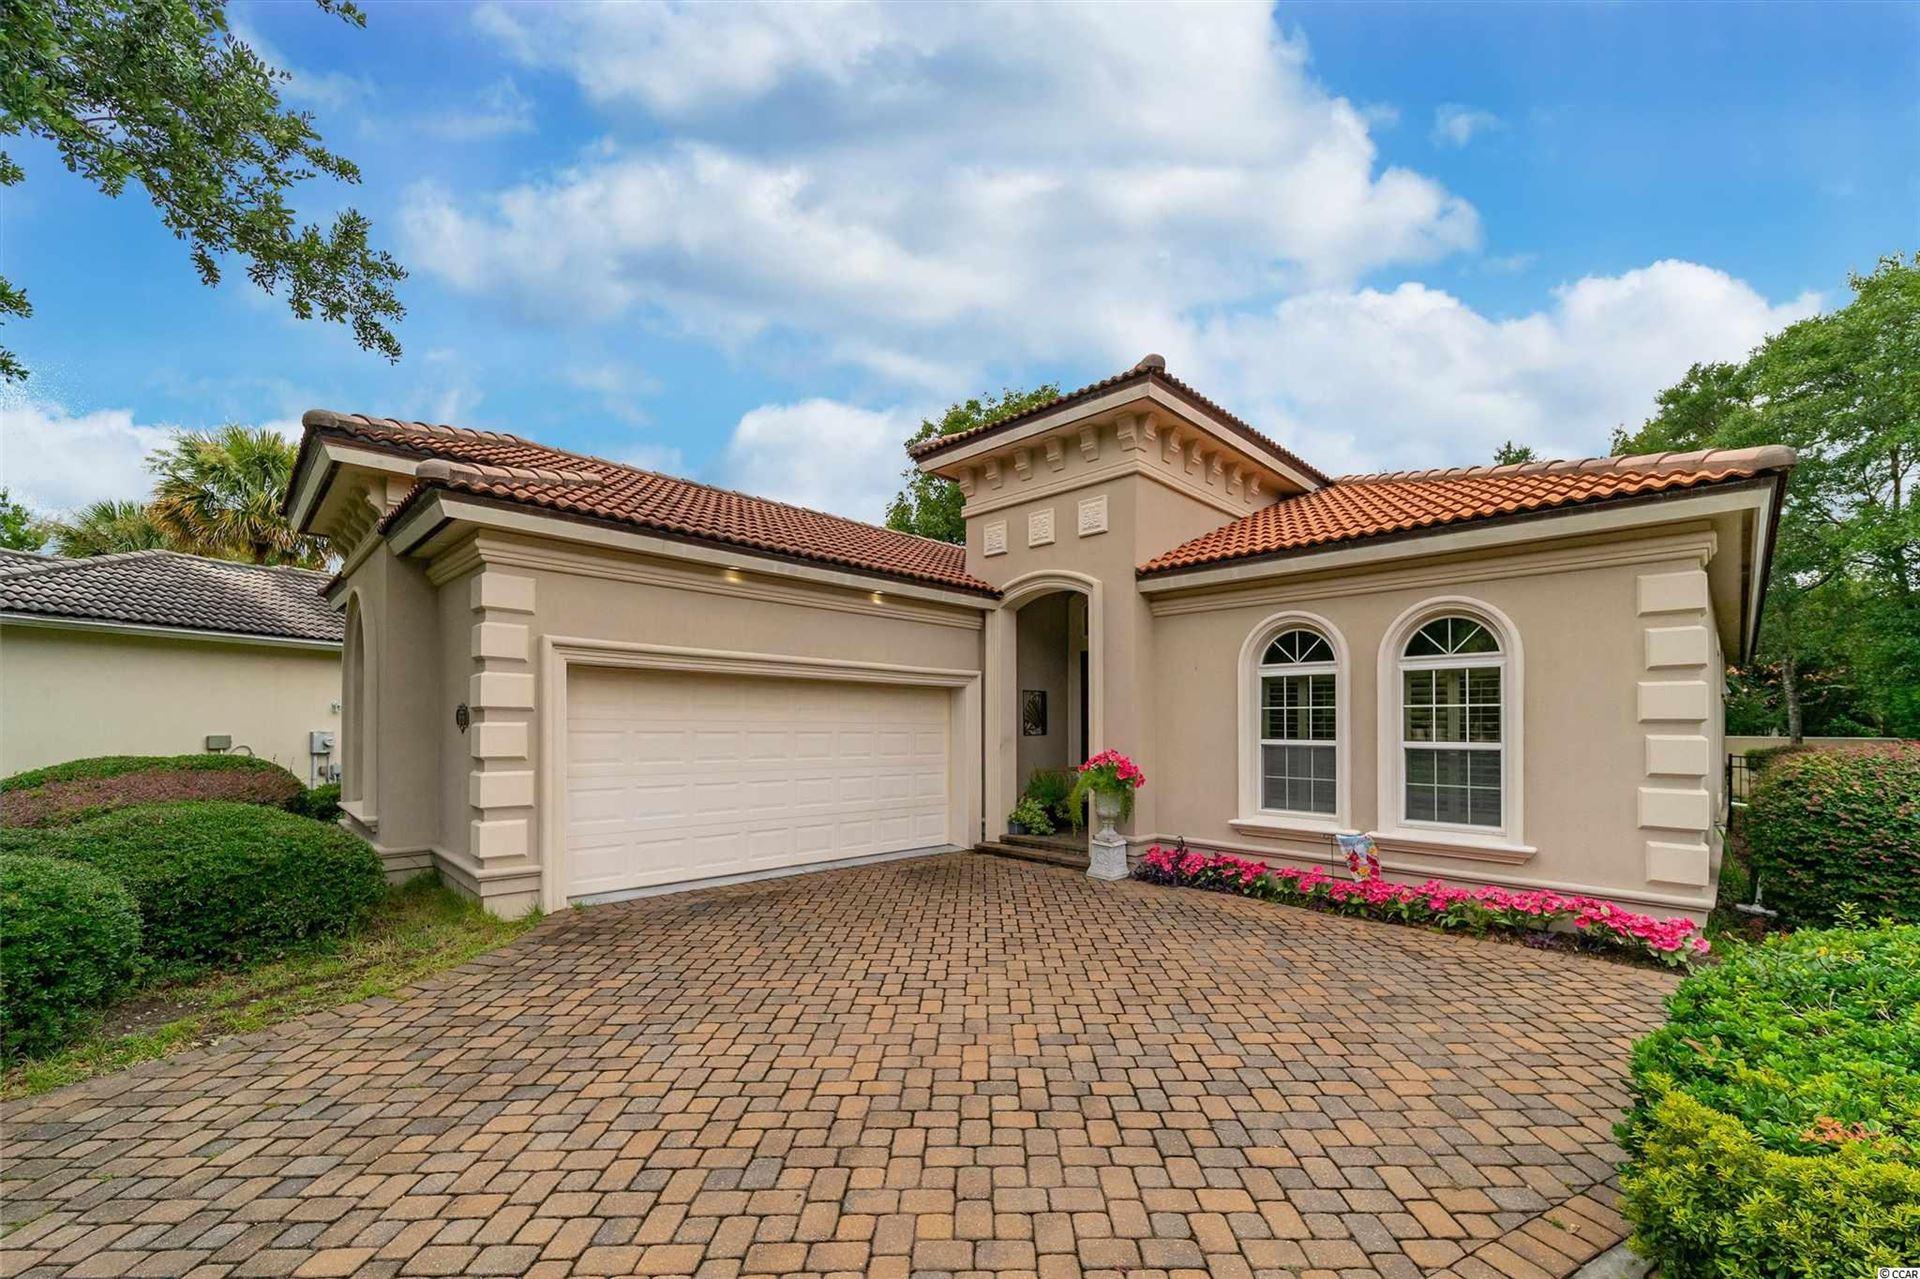 676 Esperia Ln., Myrtle Beach, SC 29572 - MLS#: 2116896